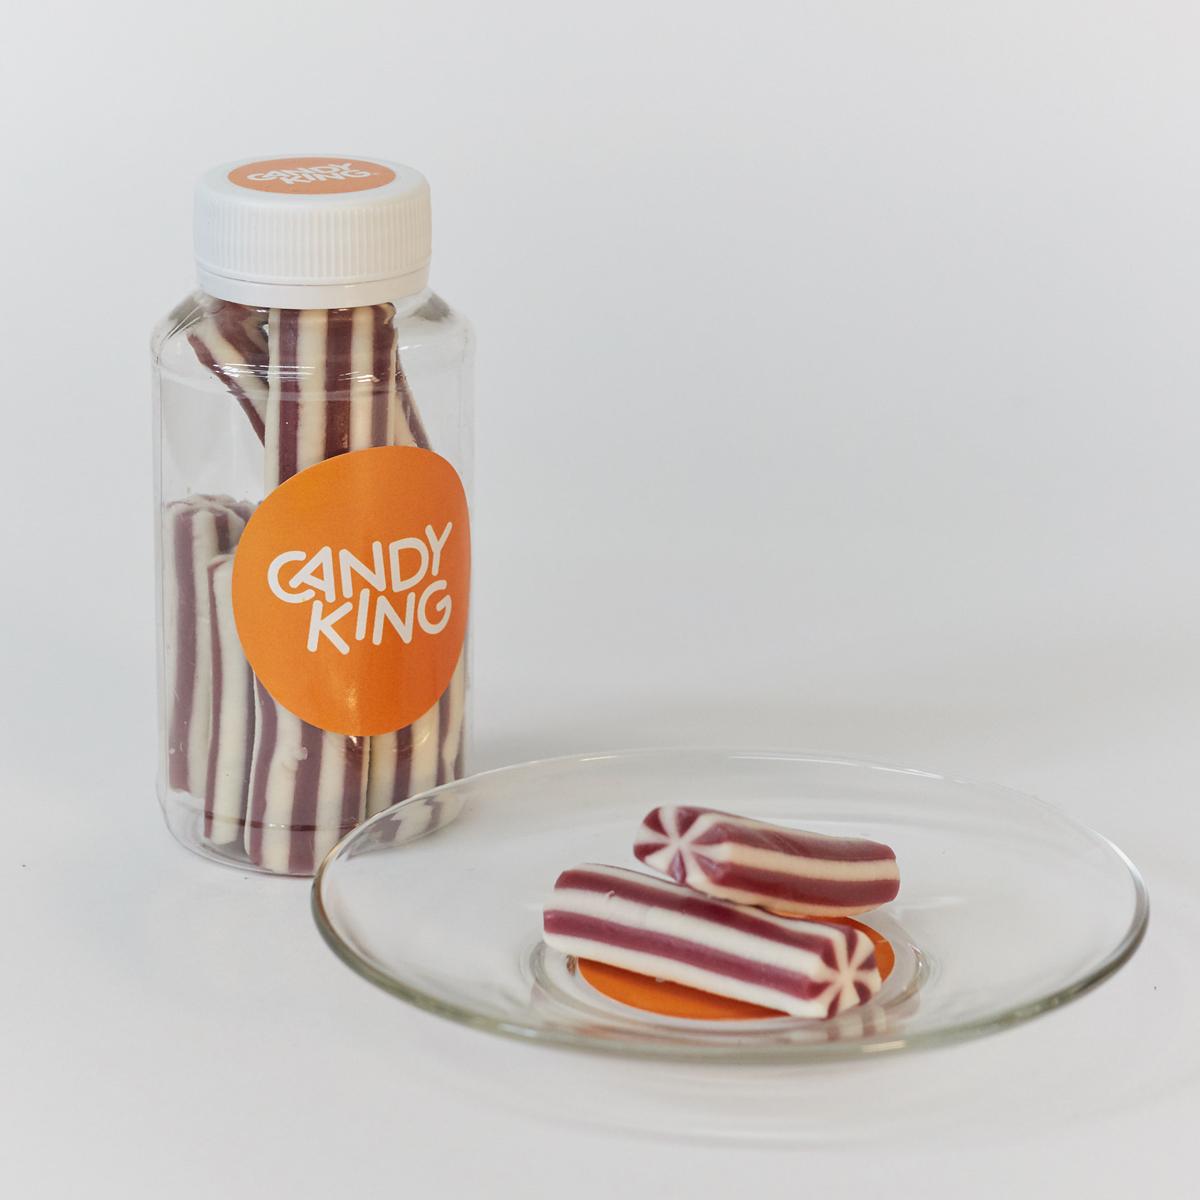 Candy King Смородиновые палочки Конфета желейная со вкусом черной смородины и ванили, 200 мл шоколадные годы конфеты ассорти 190 г